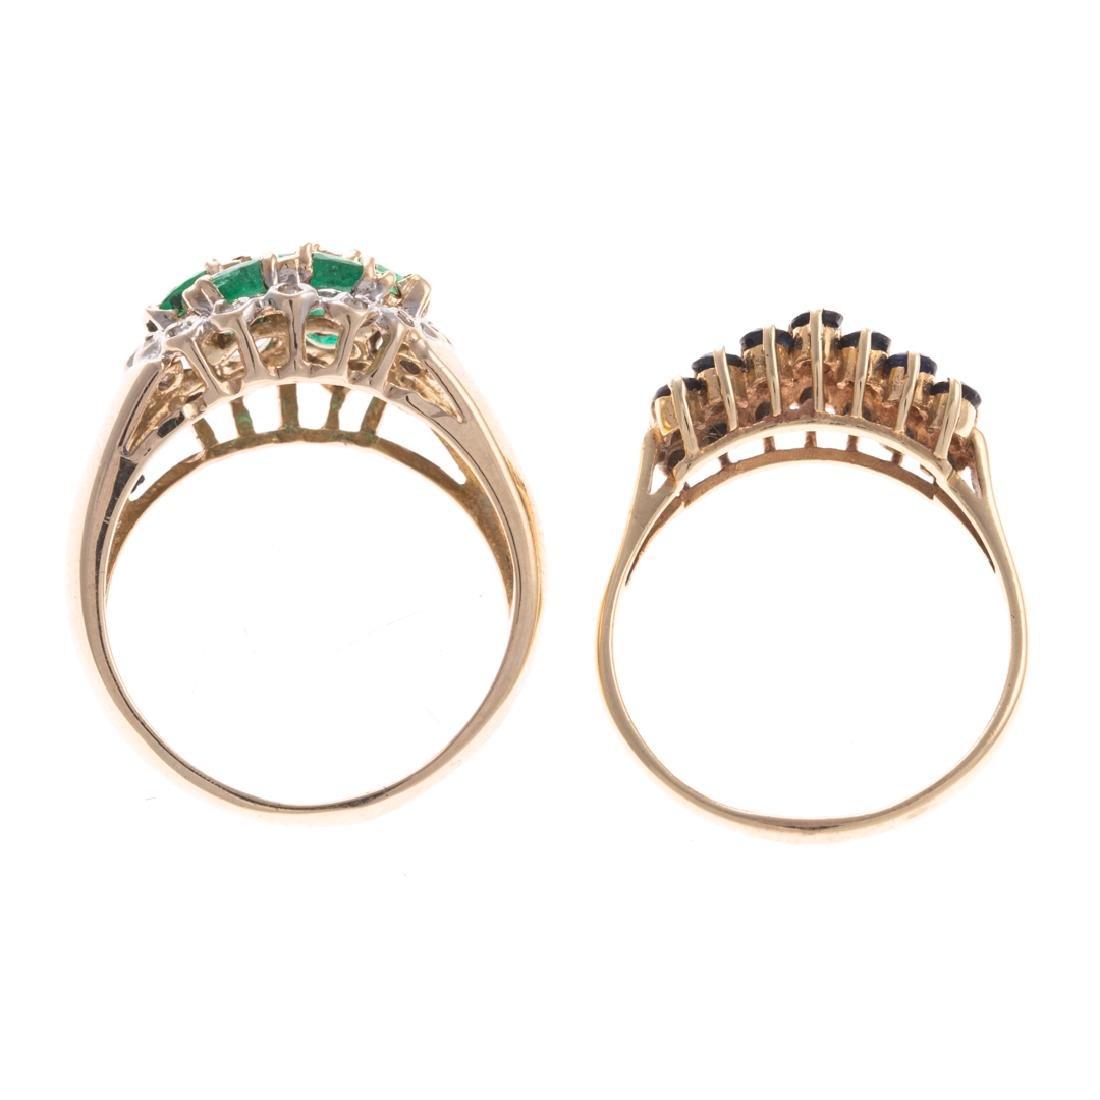 A Pair of 14K Gemstone & Diamond Cluster Rings - 5